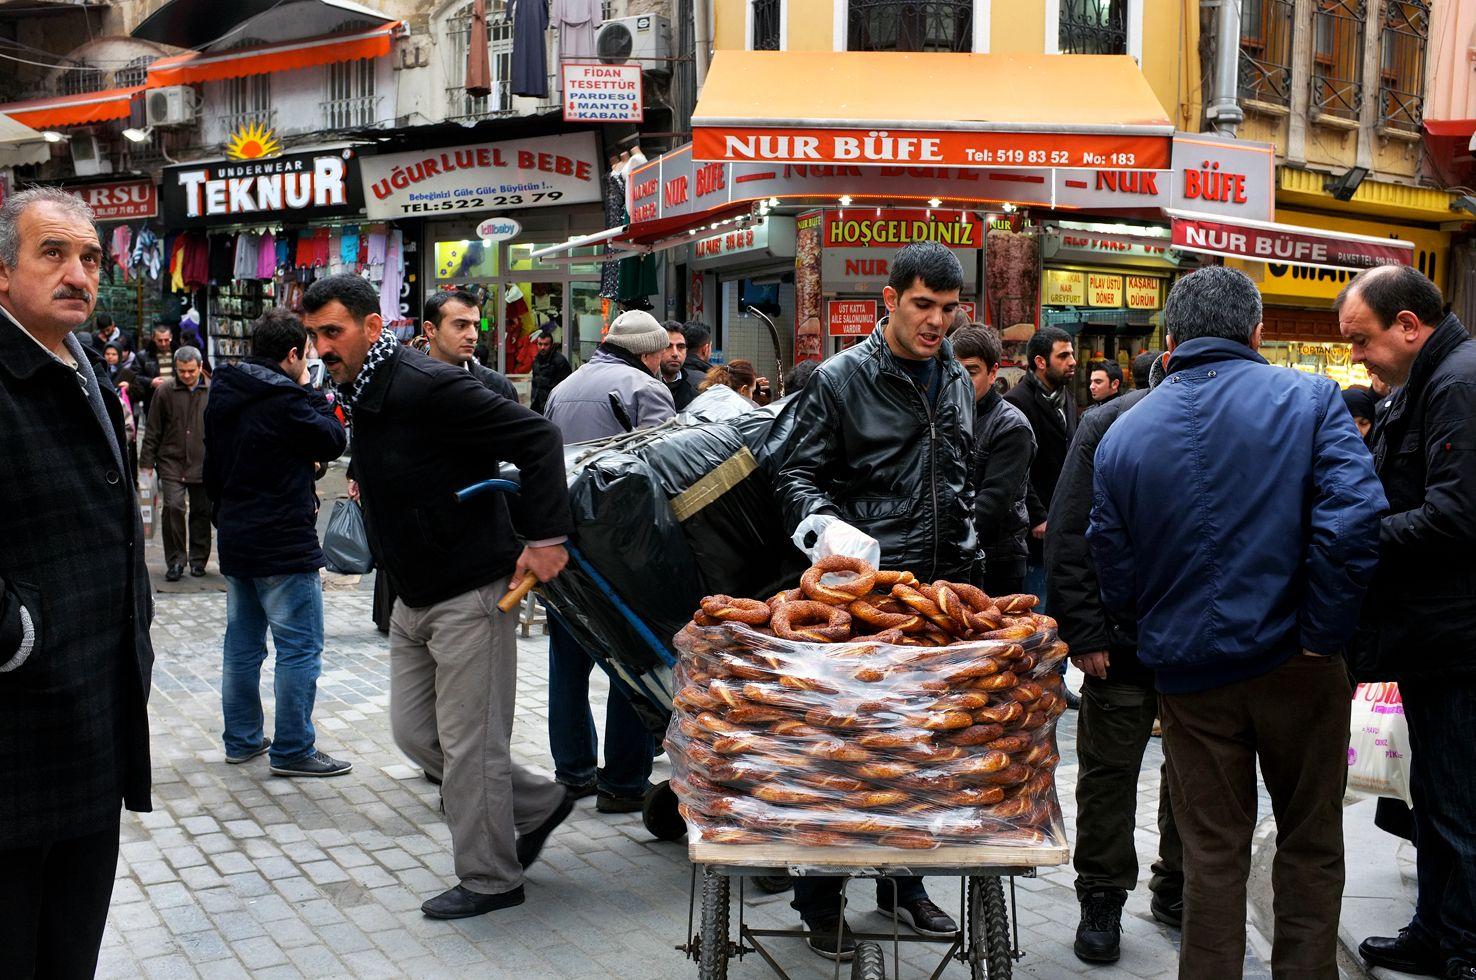 11-selling_bread_dscf7090